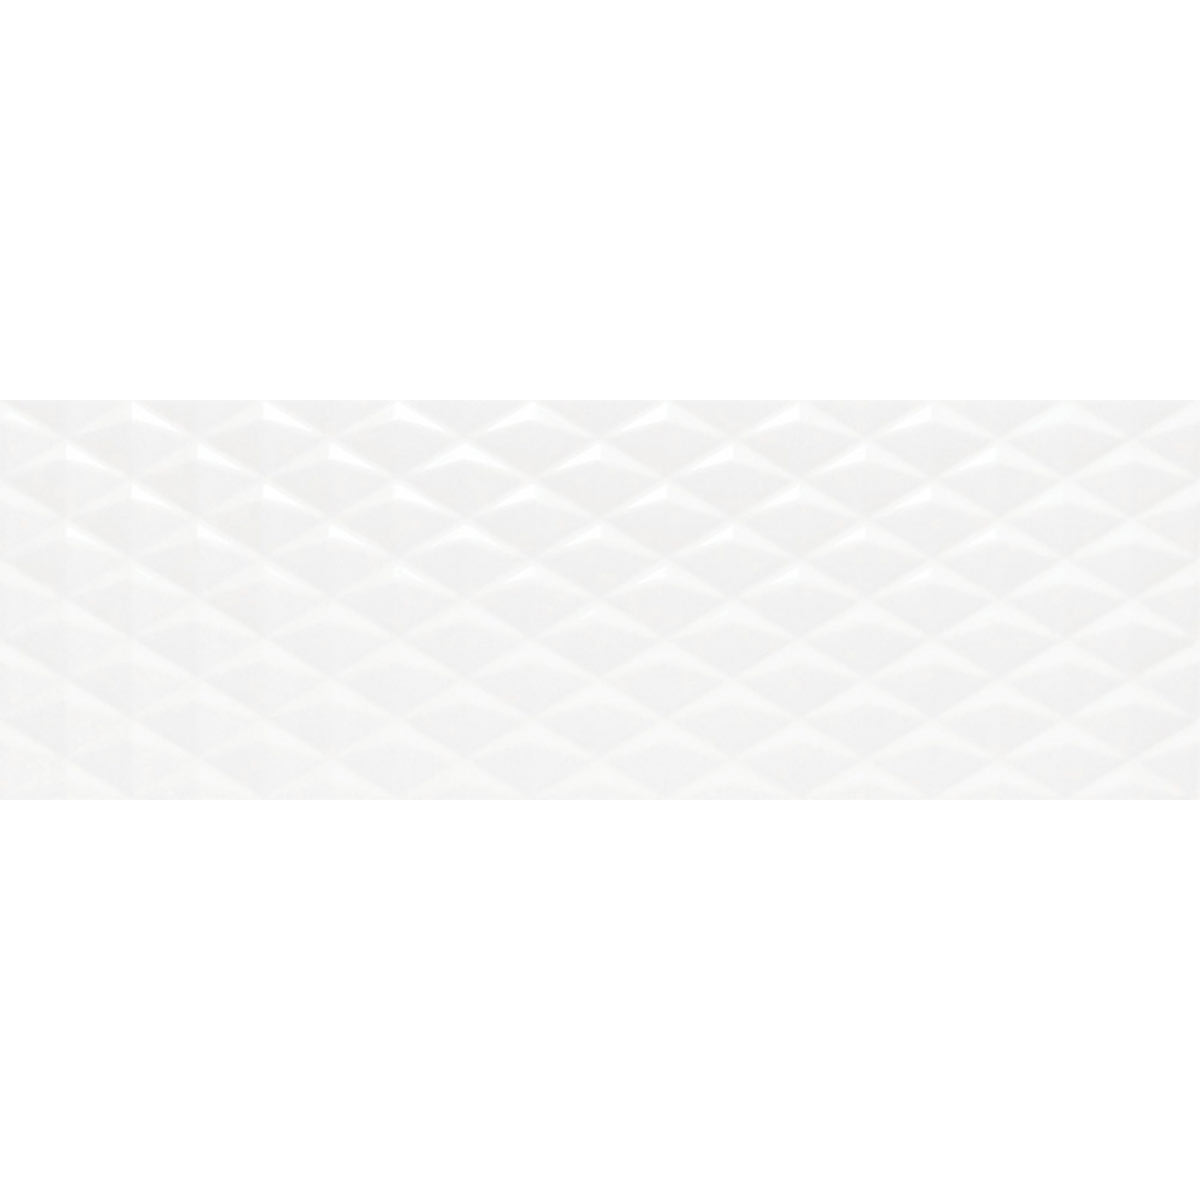 D00267 OPTIC BLANCO BRILLO